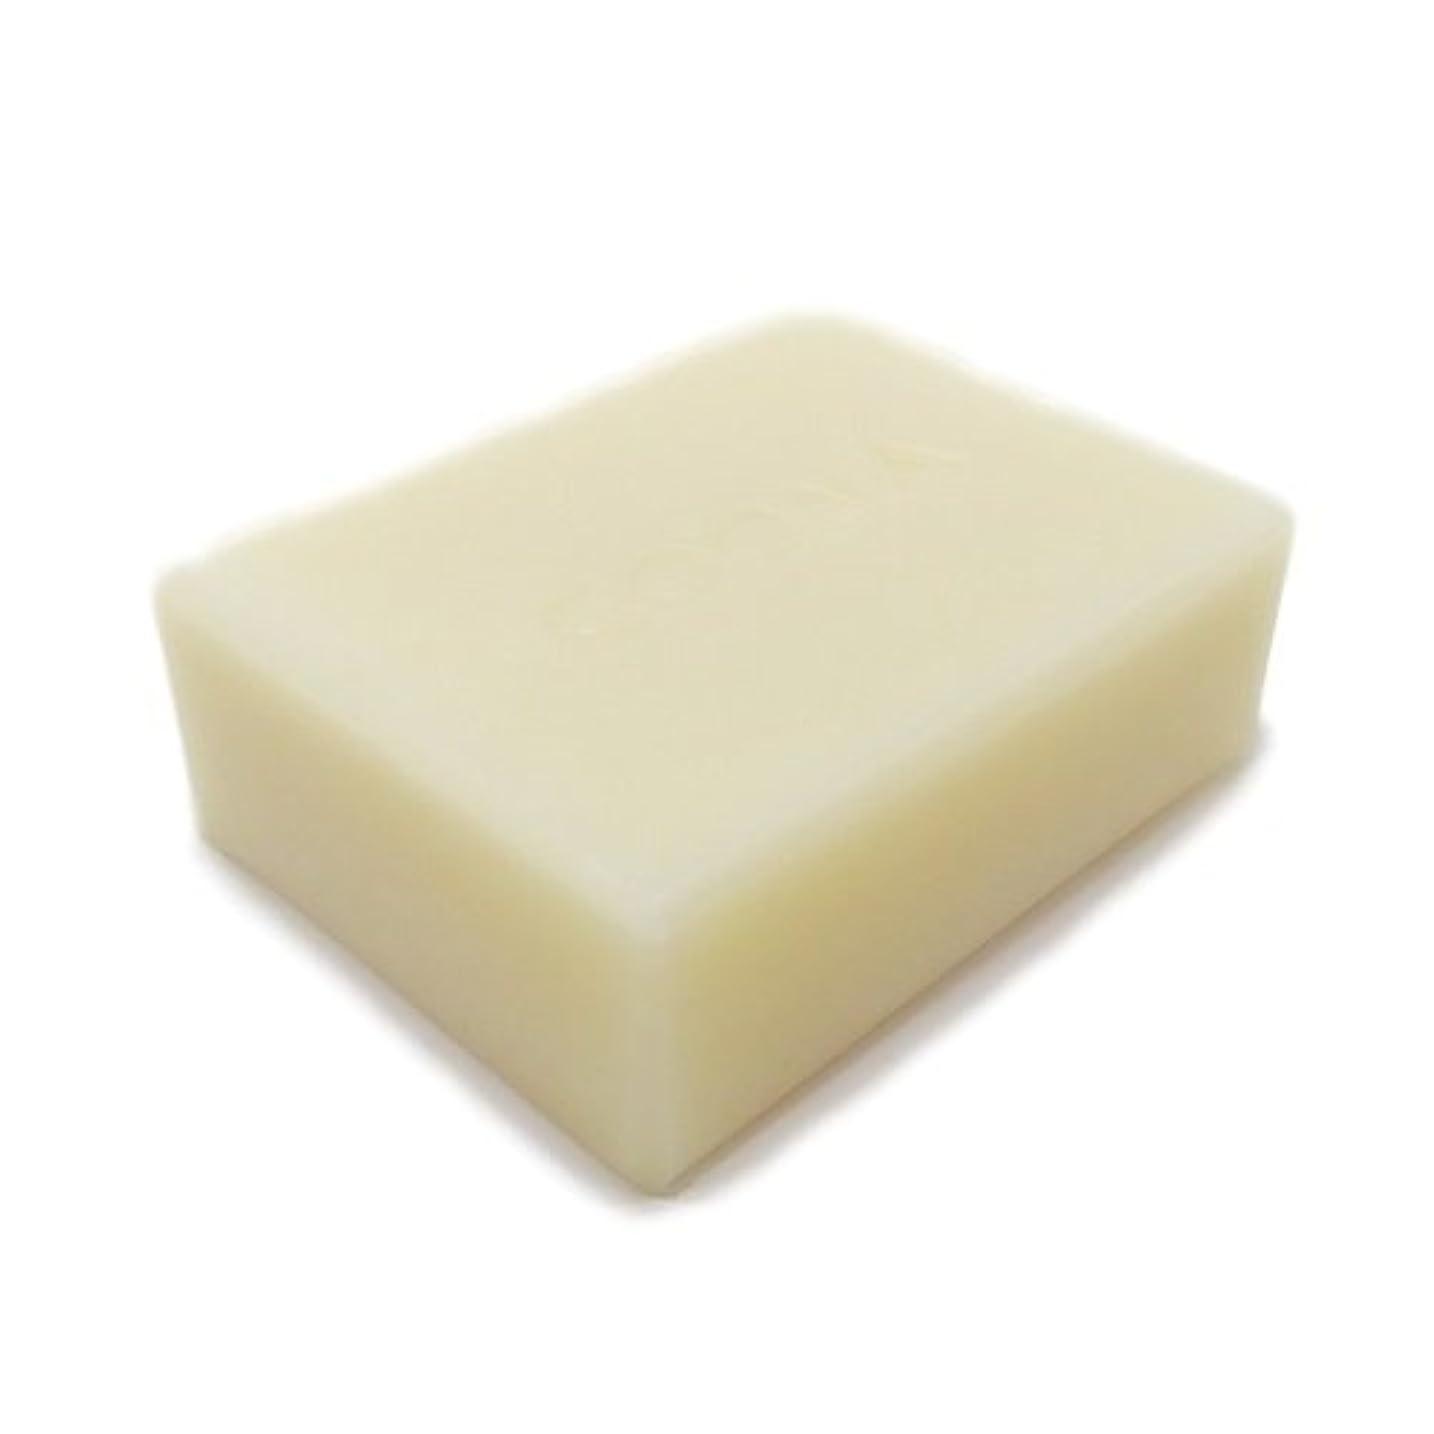 浴用石鹸 COONA和の香り石けん はっか (天然素材 自然派 コールドプロセス 手作り せっけん) 80g